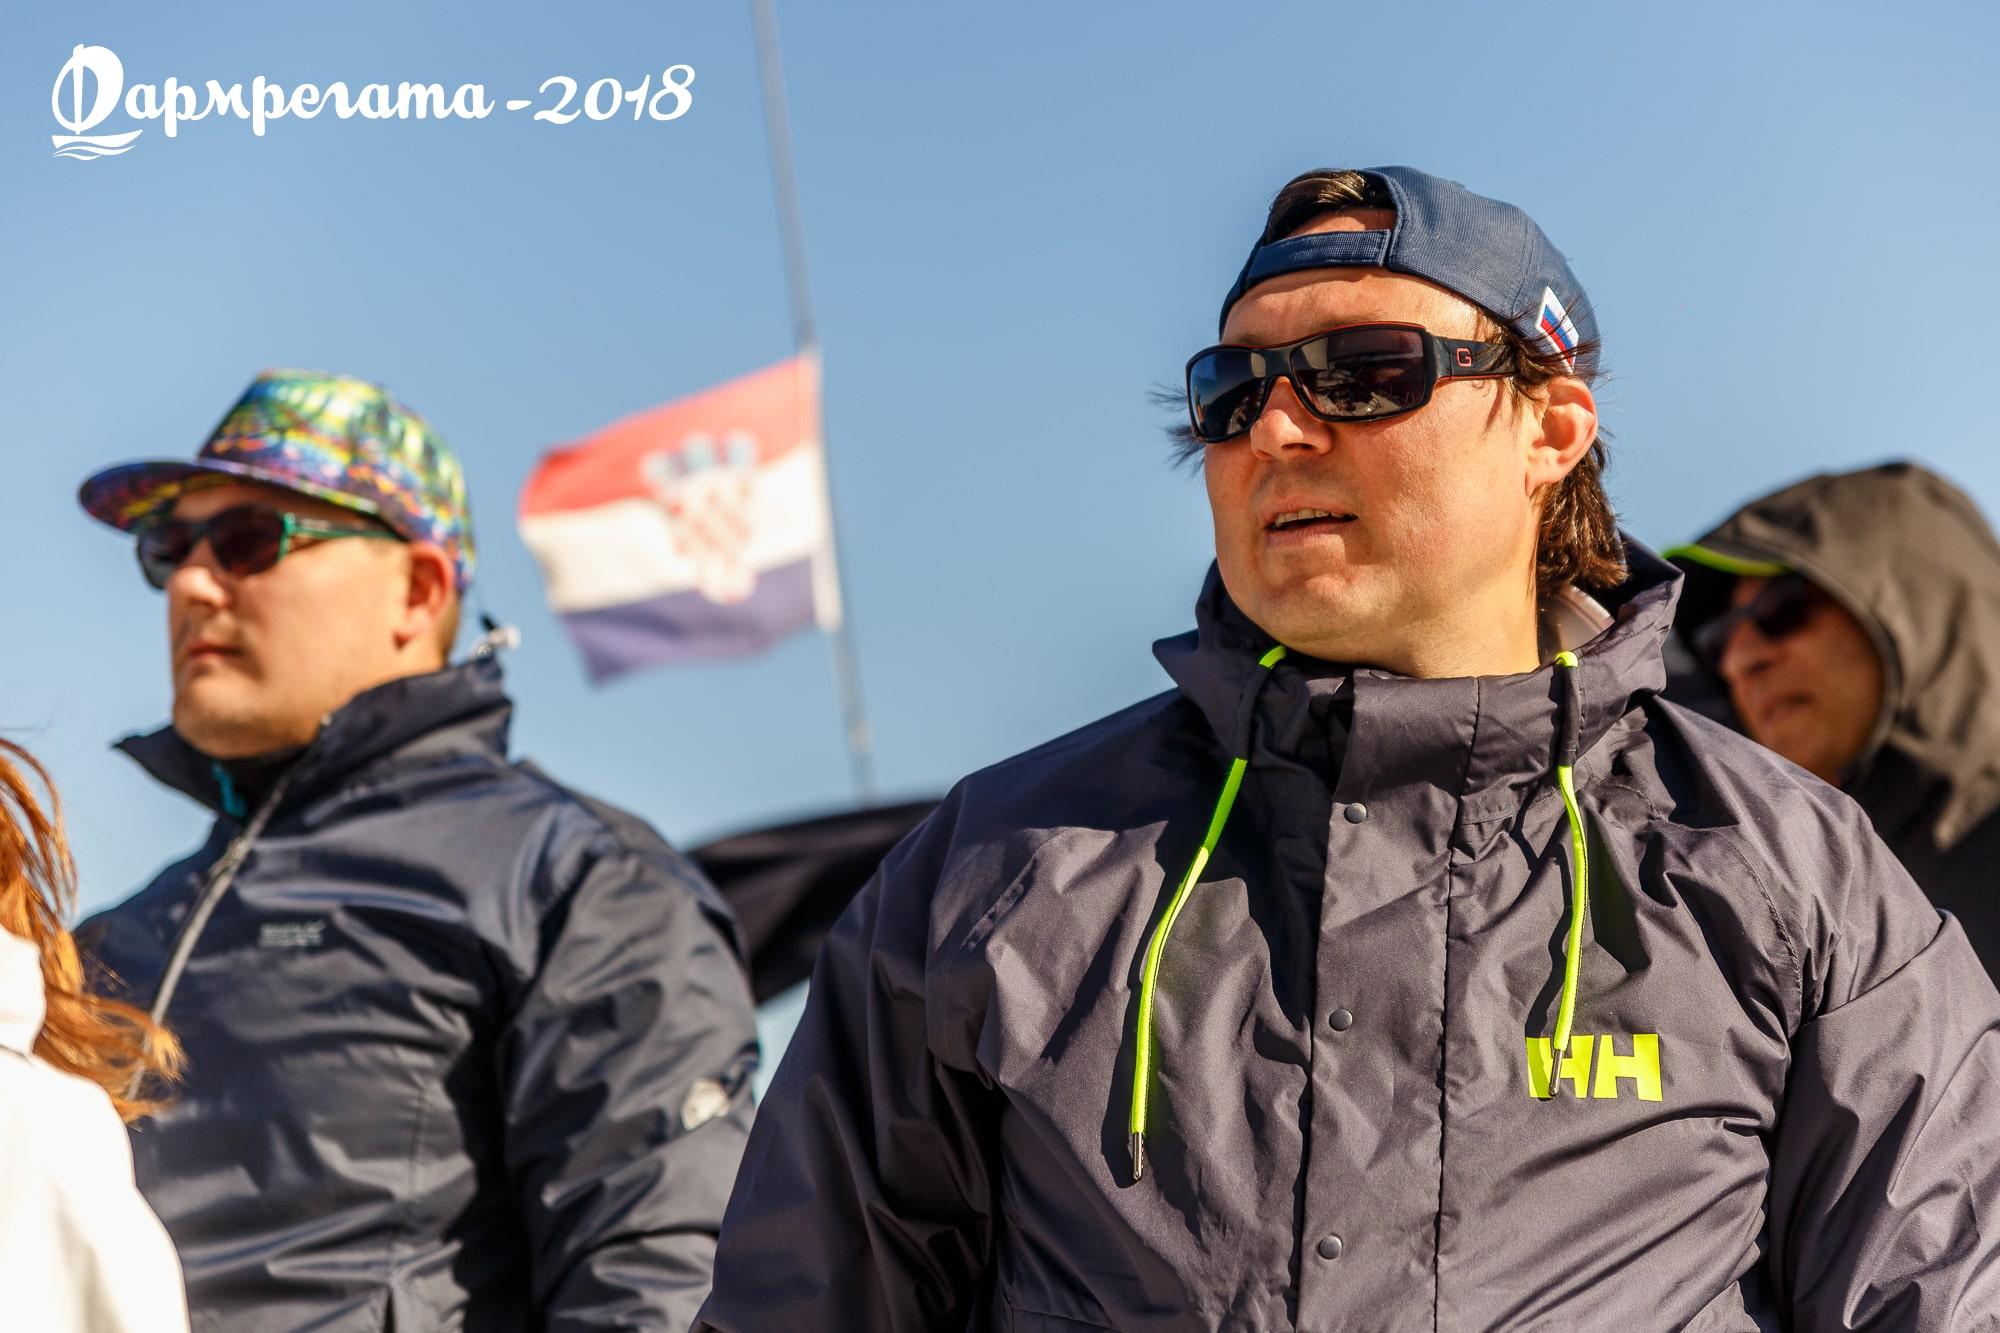 Яхтсмены, Хорватия - ДСМ групп Фармрегата 2018 - DSM Group Pharmregata 2018